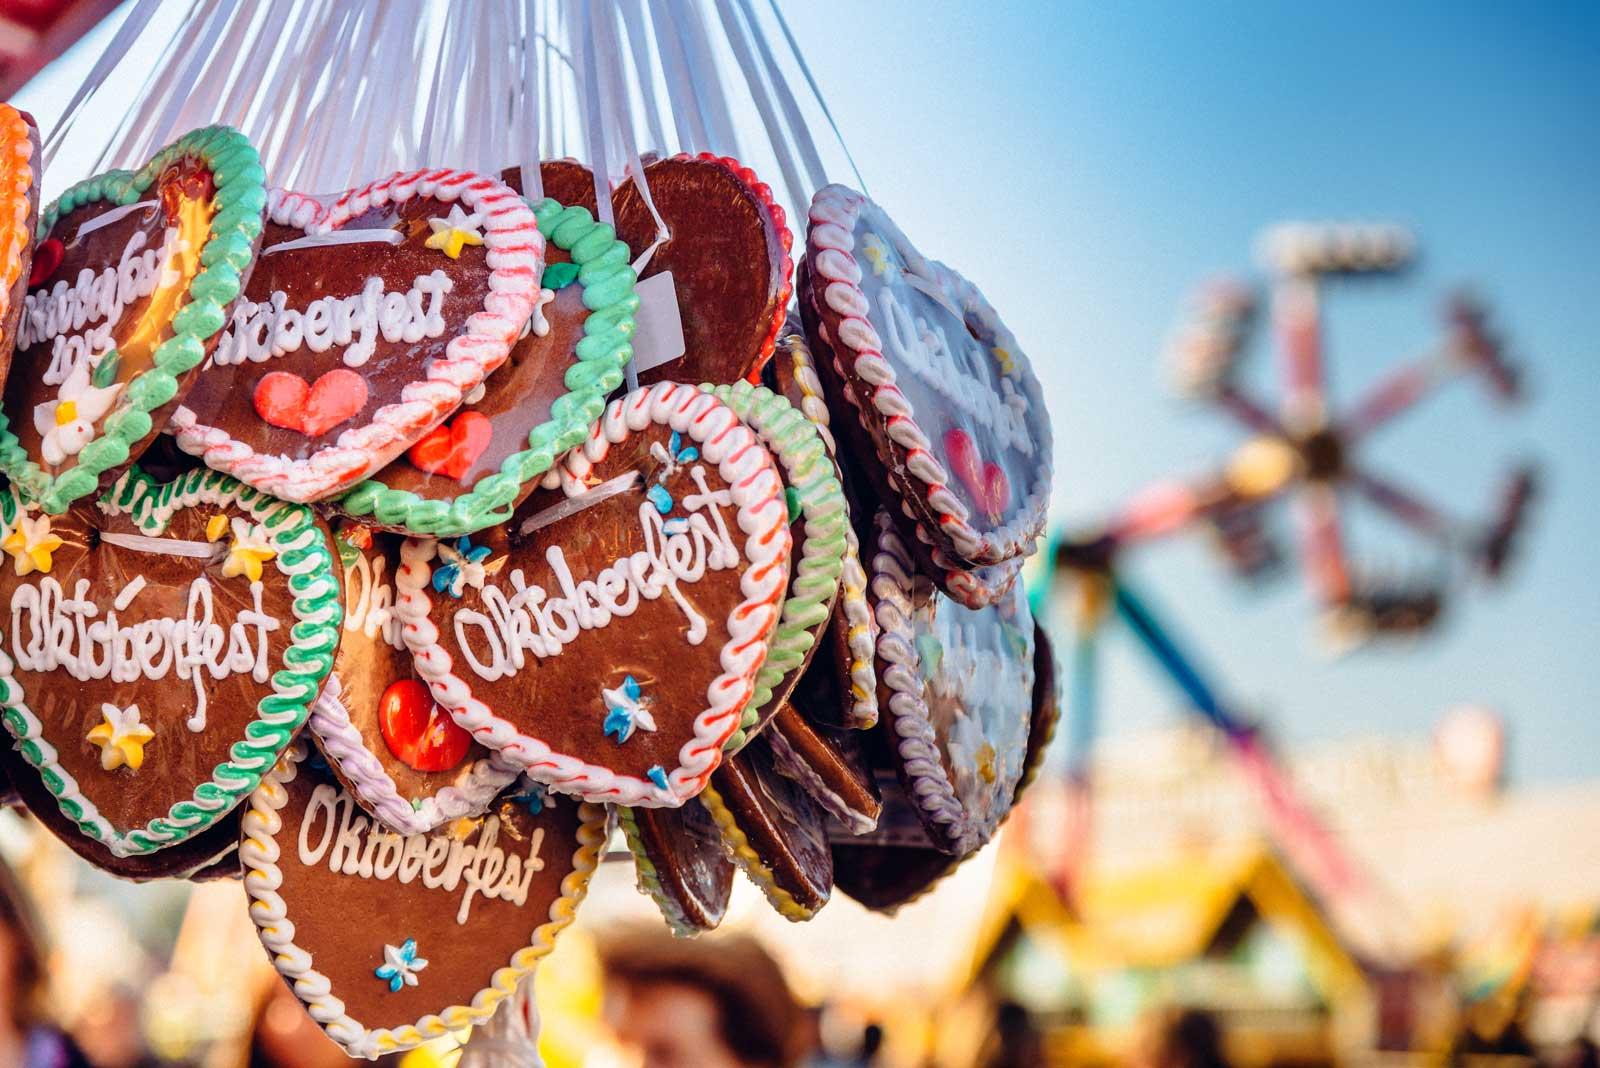 2021/01/Putovanje-Oktoberfest-2.jpg